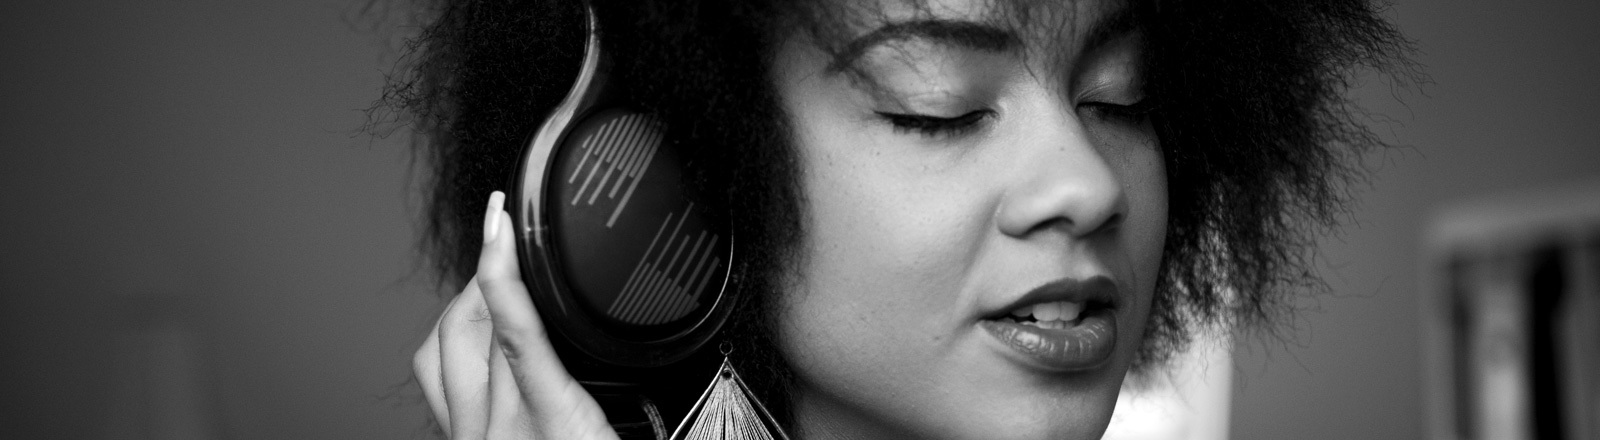 Frau hört mit Kopfhörer